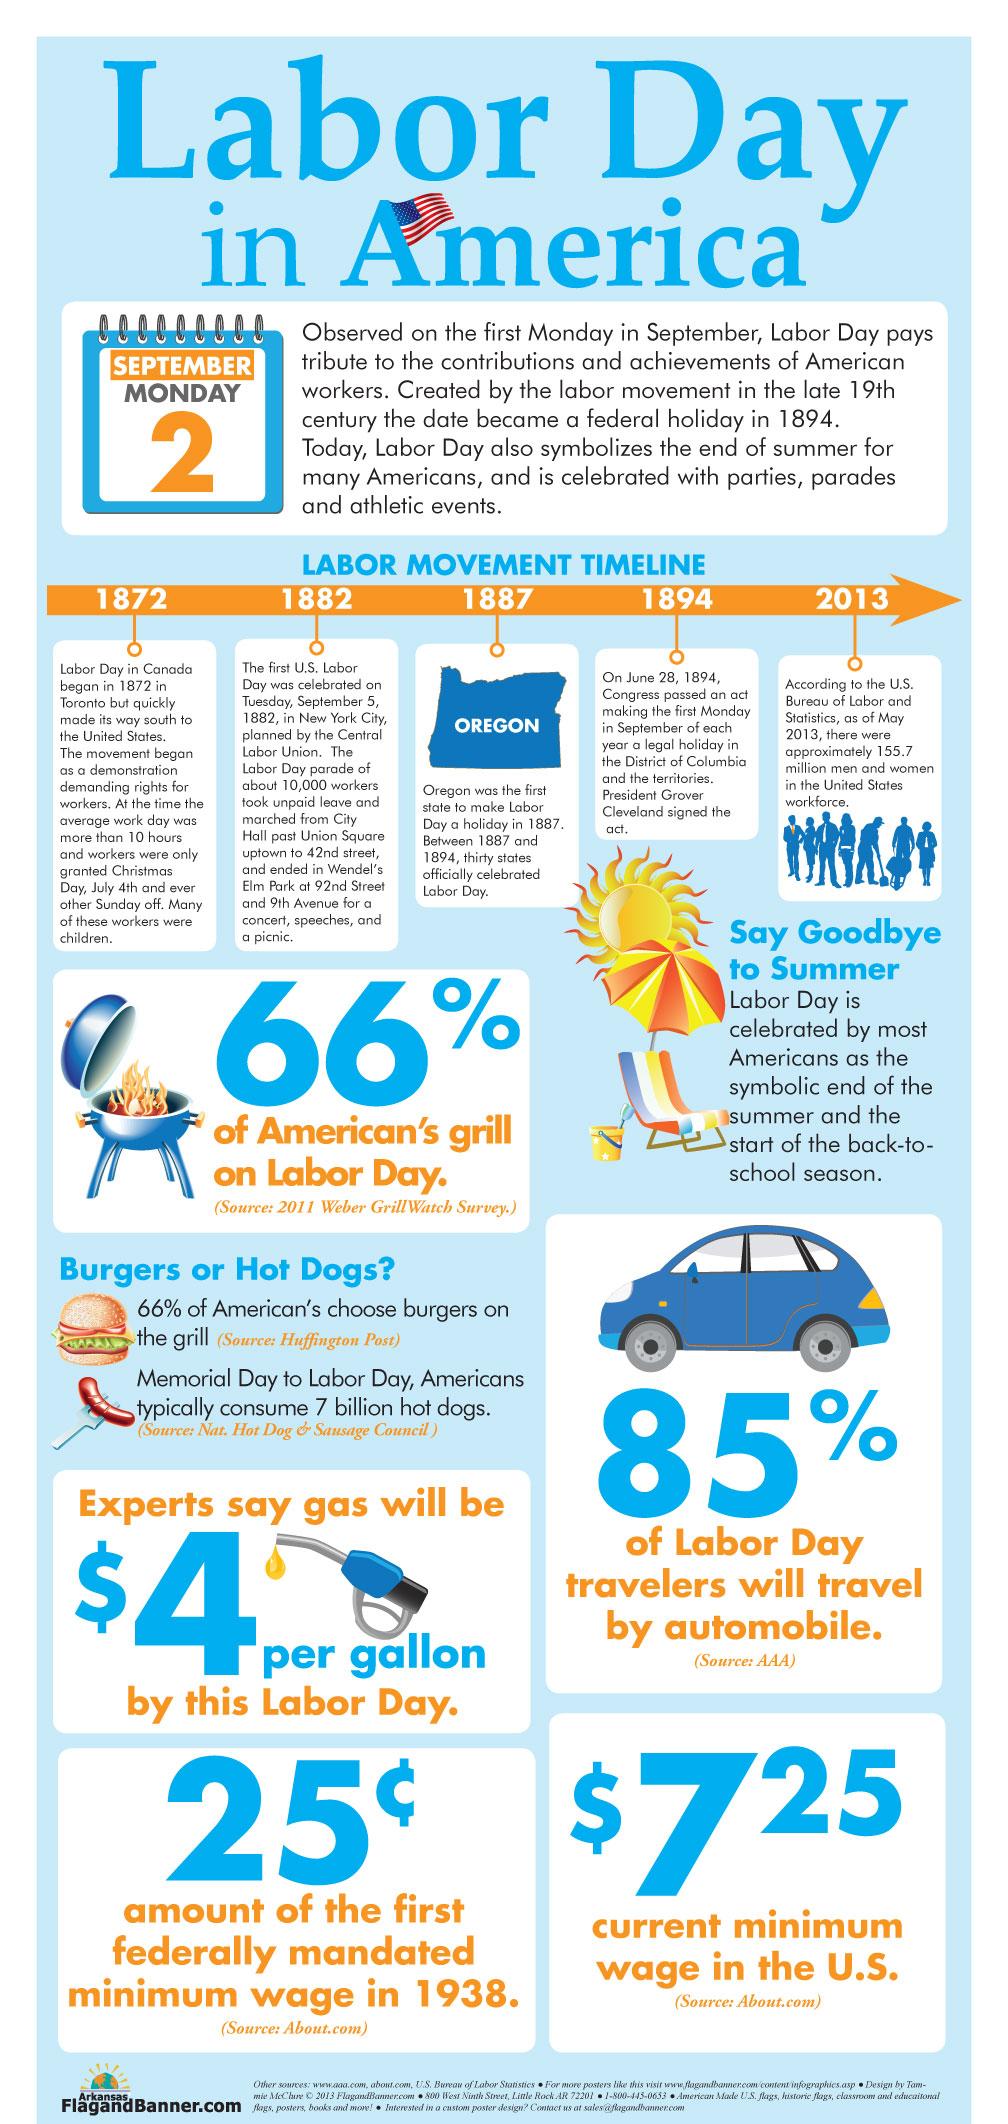 labor-day-in-america_5213d0c48107e